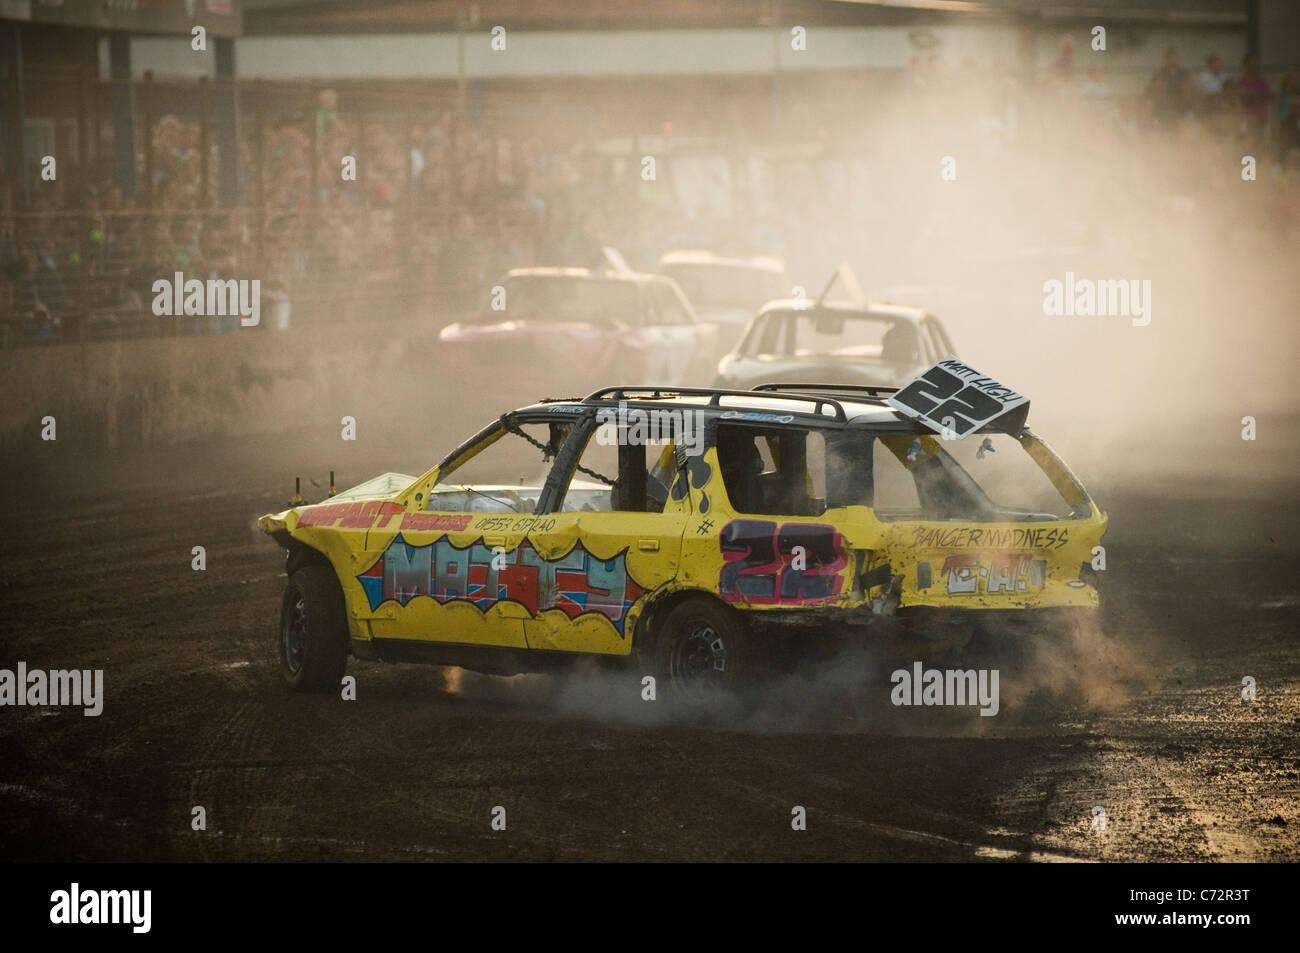 banger racing racer driver race crash stock car cars drivers racers ...